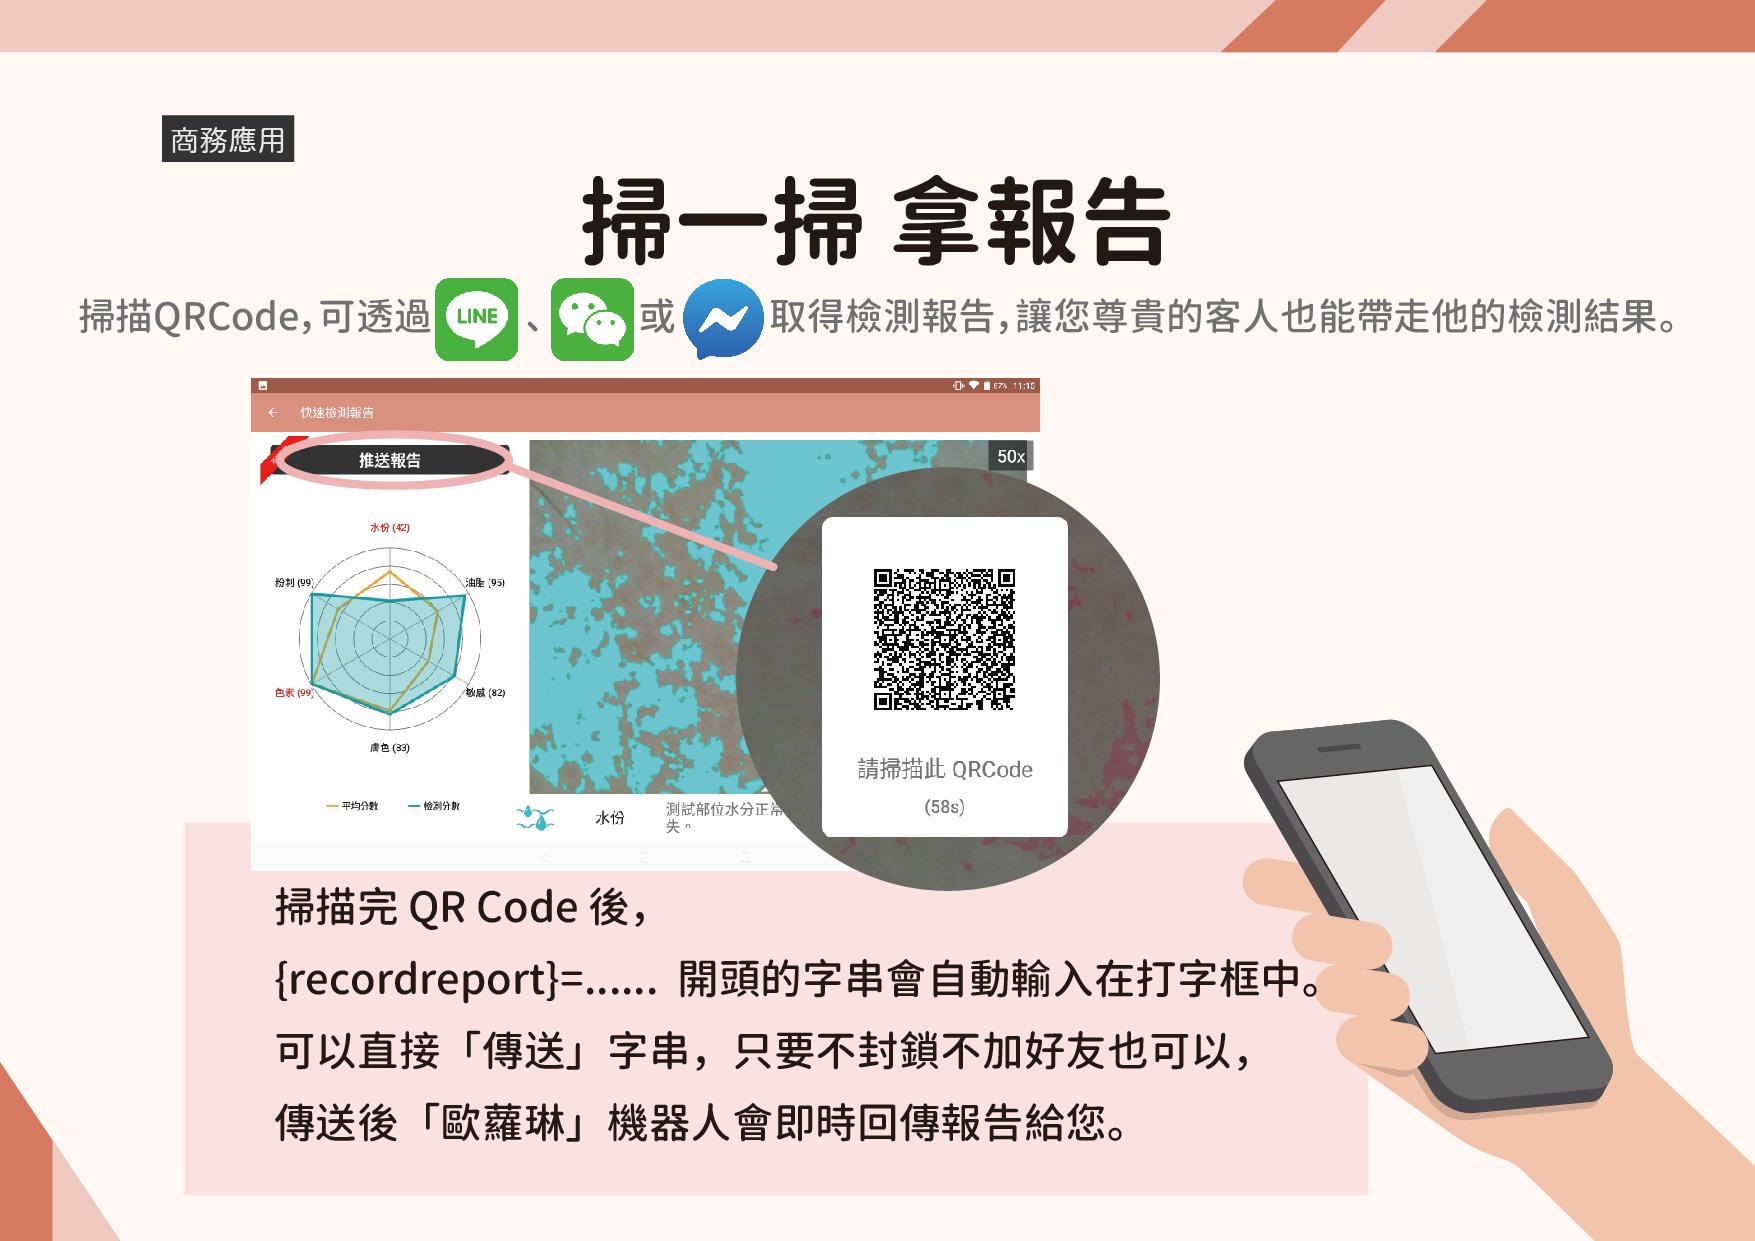 應用場景:在品牌專櫃、醫學美容、連鎖藥妝店或是美容機構中,我們的檢測軟體都是您最佳的助手。